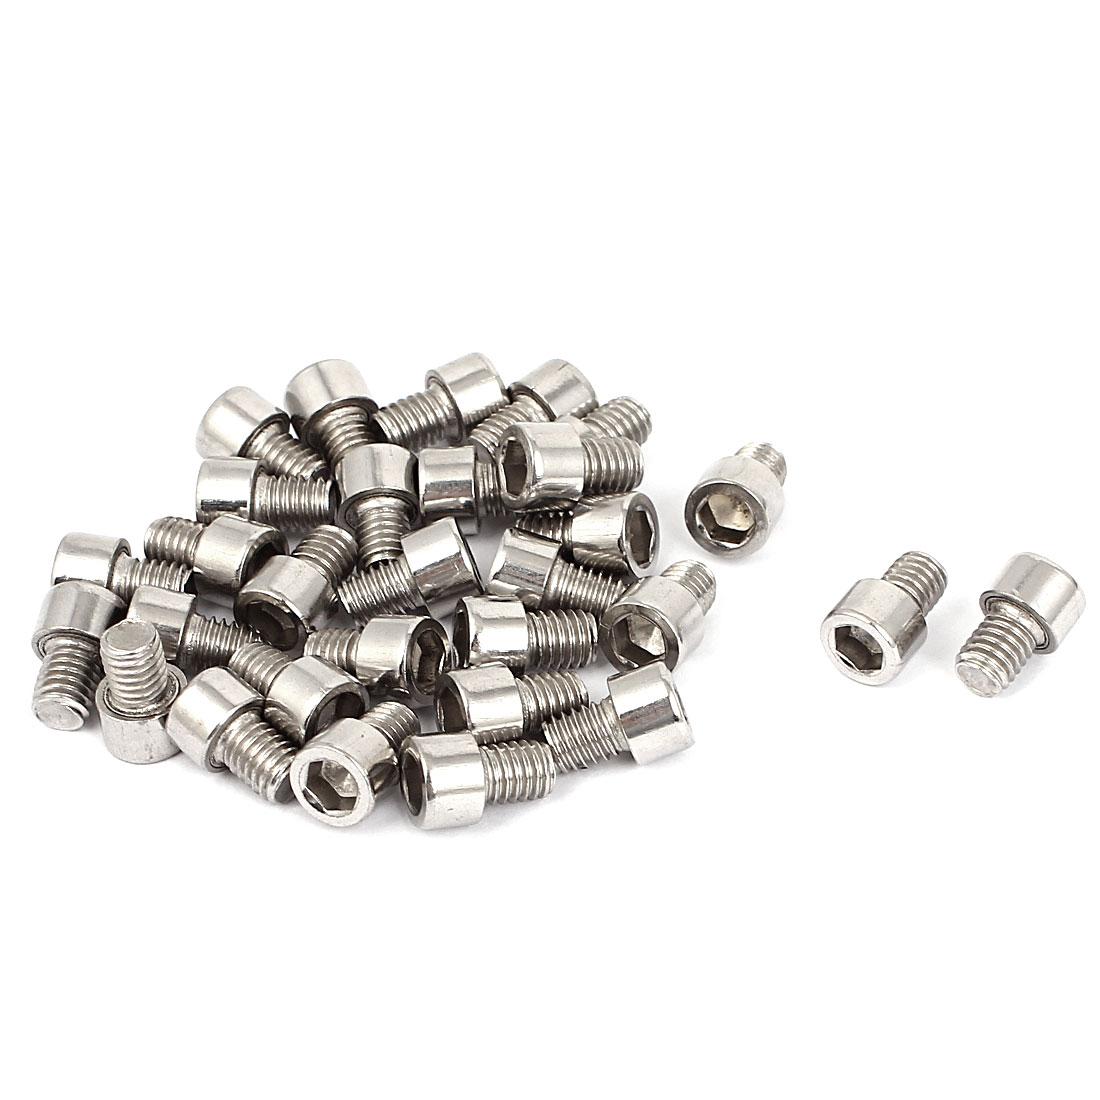 30pcs 6mmx8mm Stainless Steel Hex Socket Head Cap Bolt Machine Screws 13mm Long